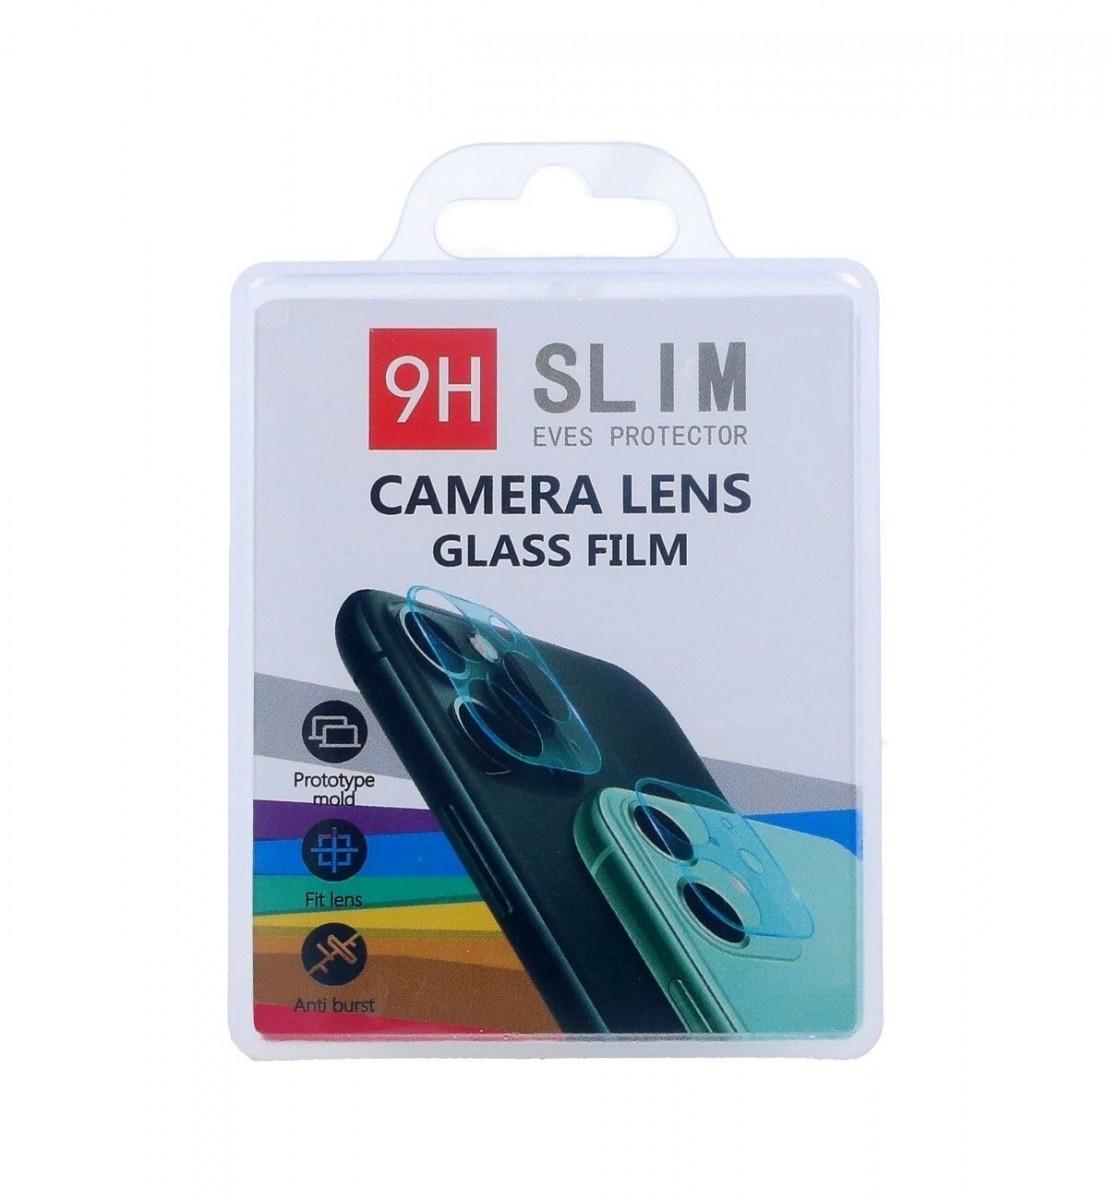 Tvrzené sklo TopQ na zadní fotoaparát Xiaomi Redmi 9T 58235 (ochranné sklo na zadní čočku fotoaparátu Xiaomi Redmi 9T)